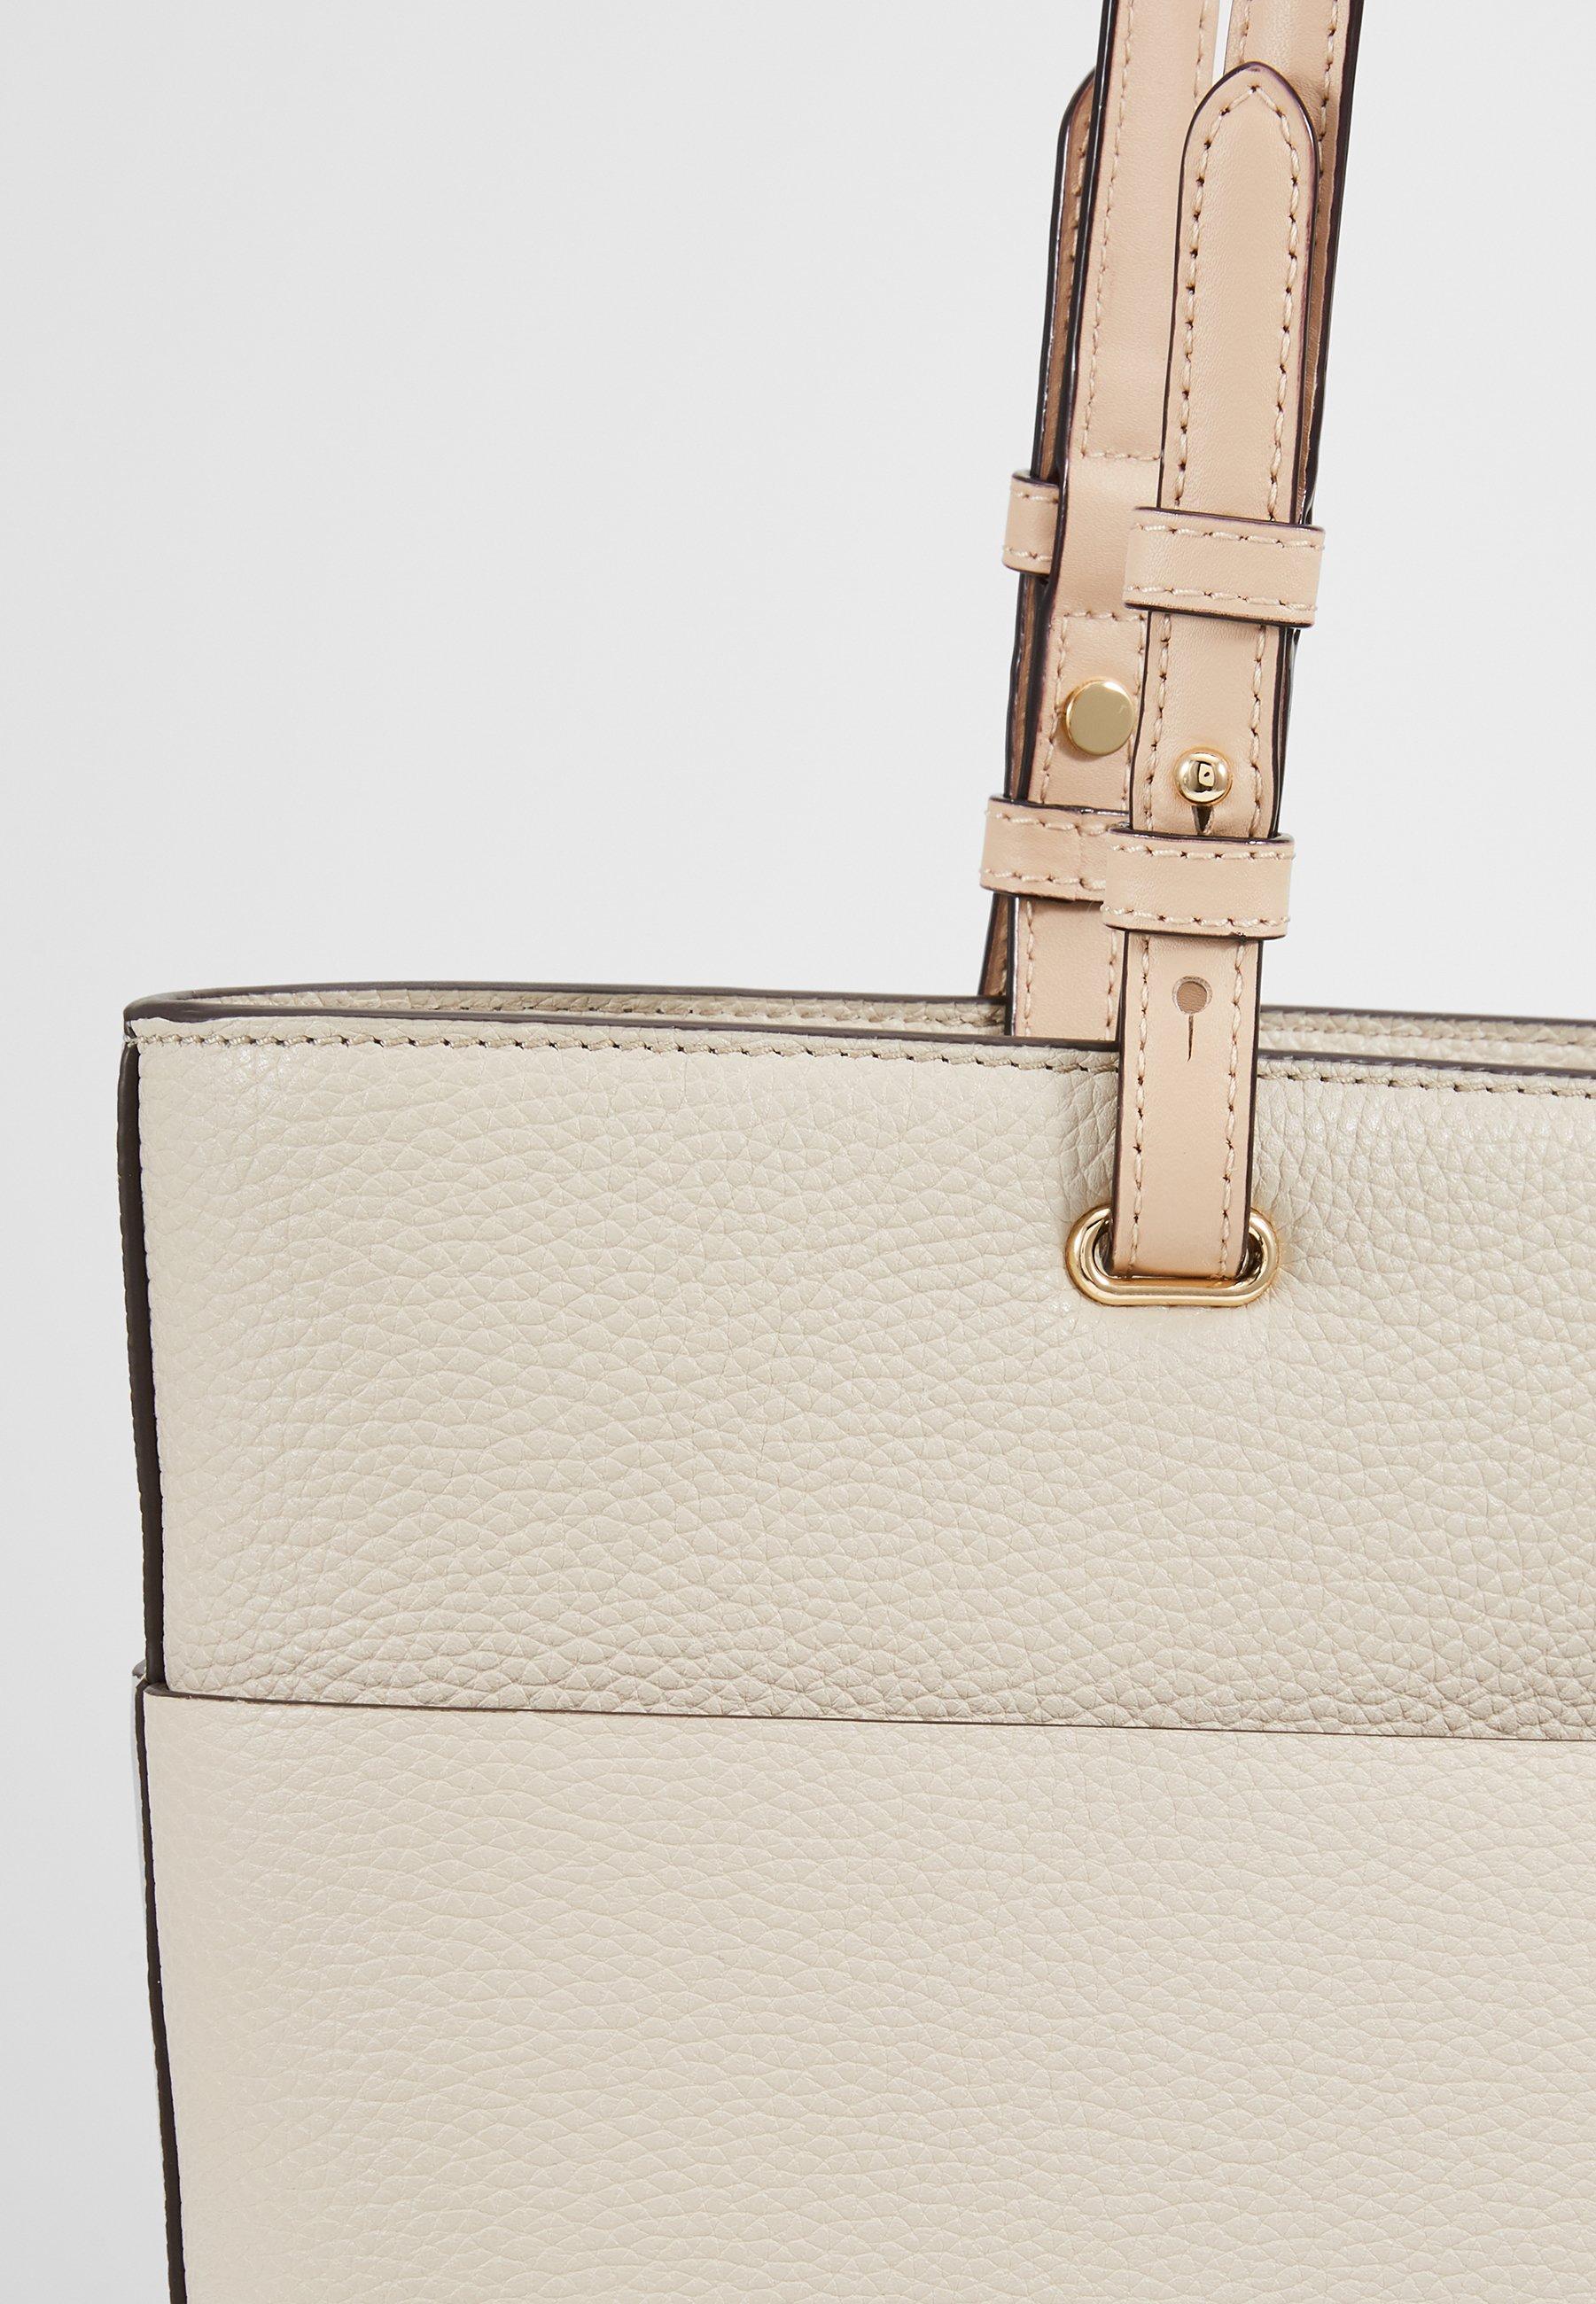 Michael Kors Bedford Pocket Tote - Håndtasker Light Sand